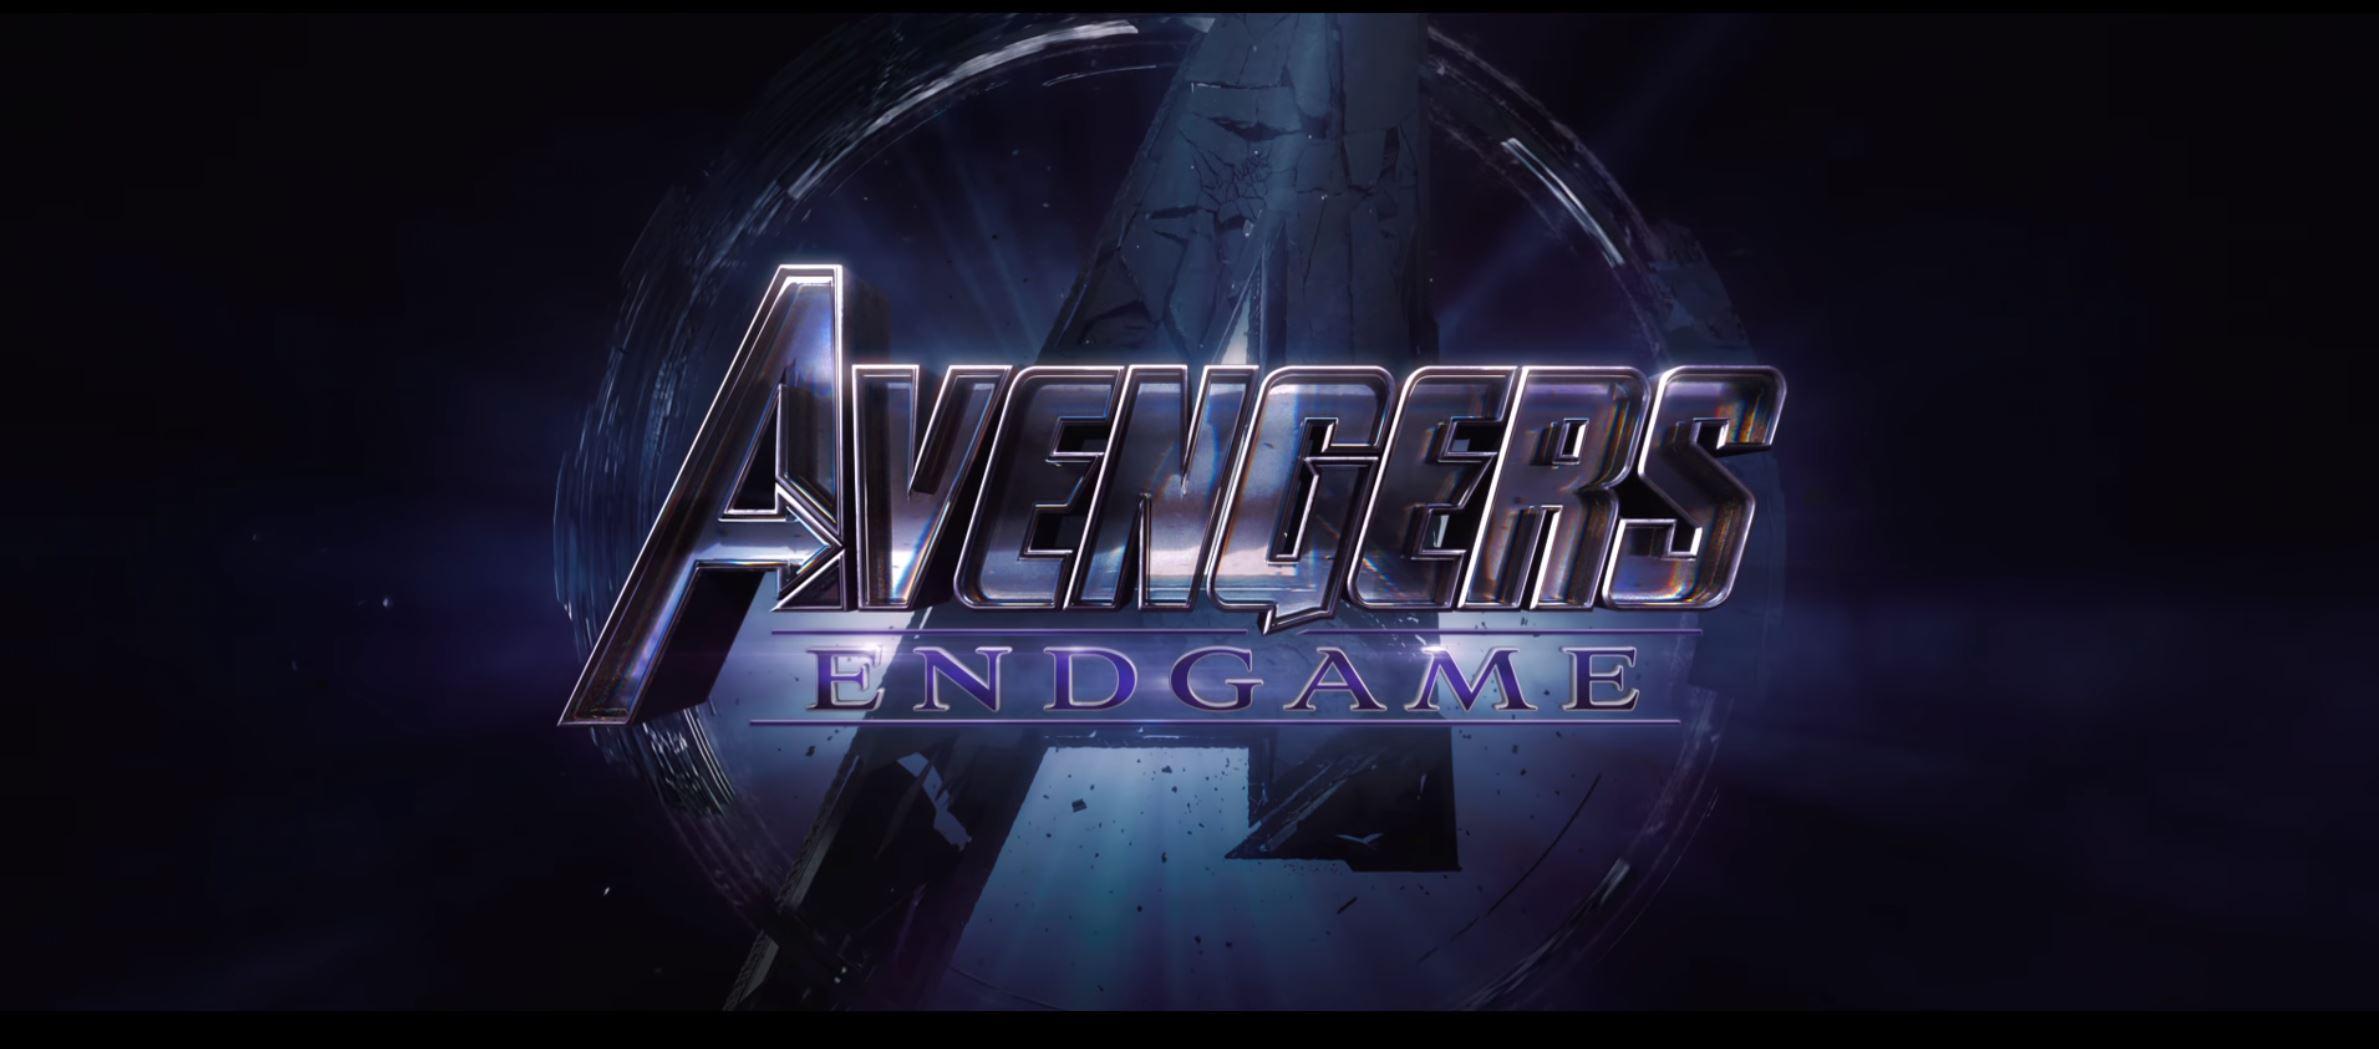 Marvel Studios' Avengers - Official Trailer ENDGAME IS HERE!